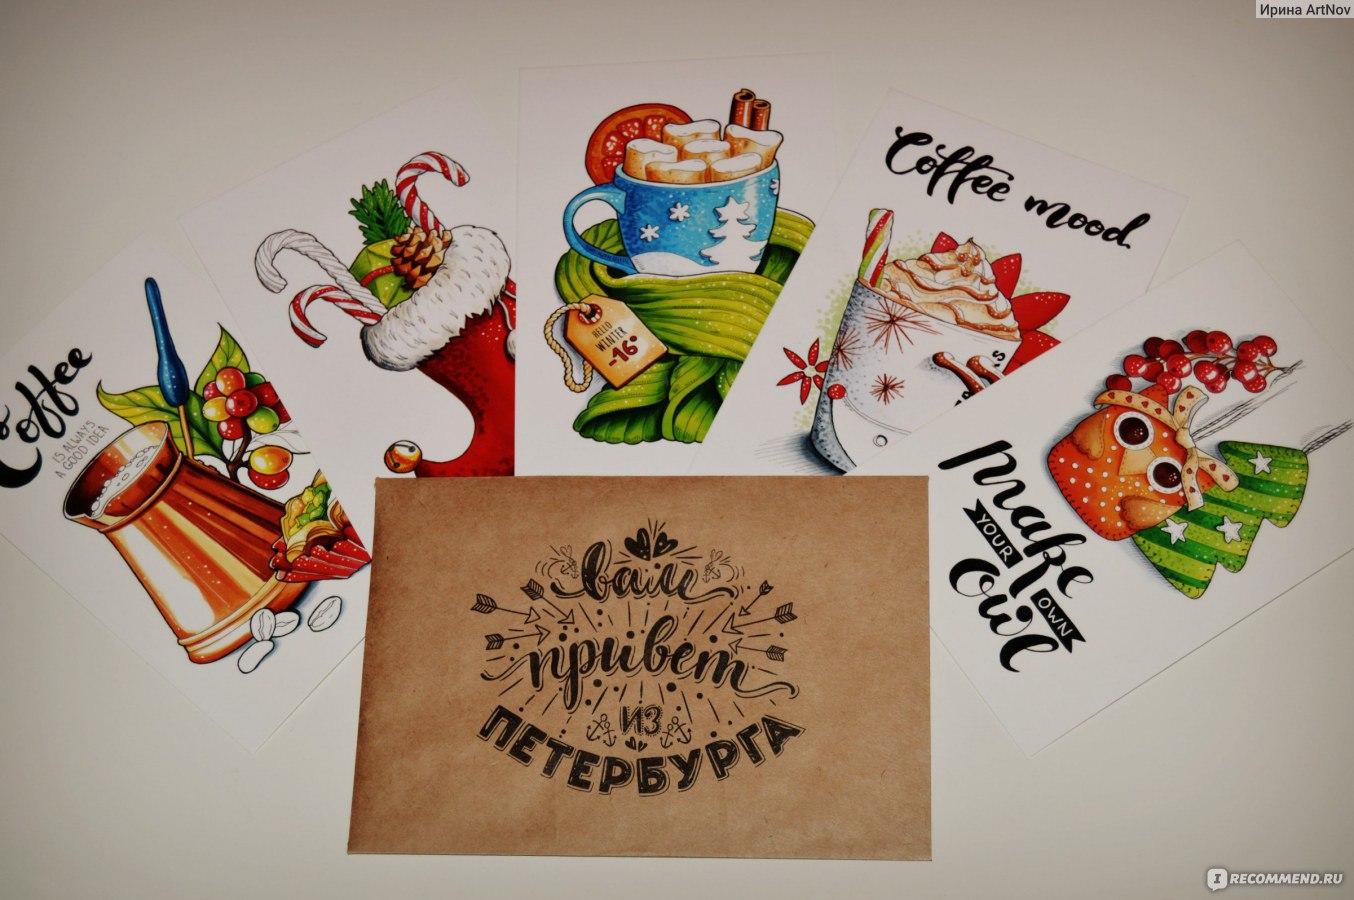 Почтовые открытки грейп арт